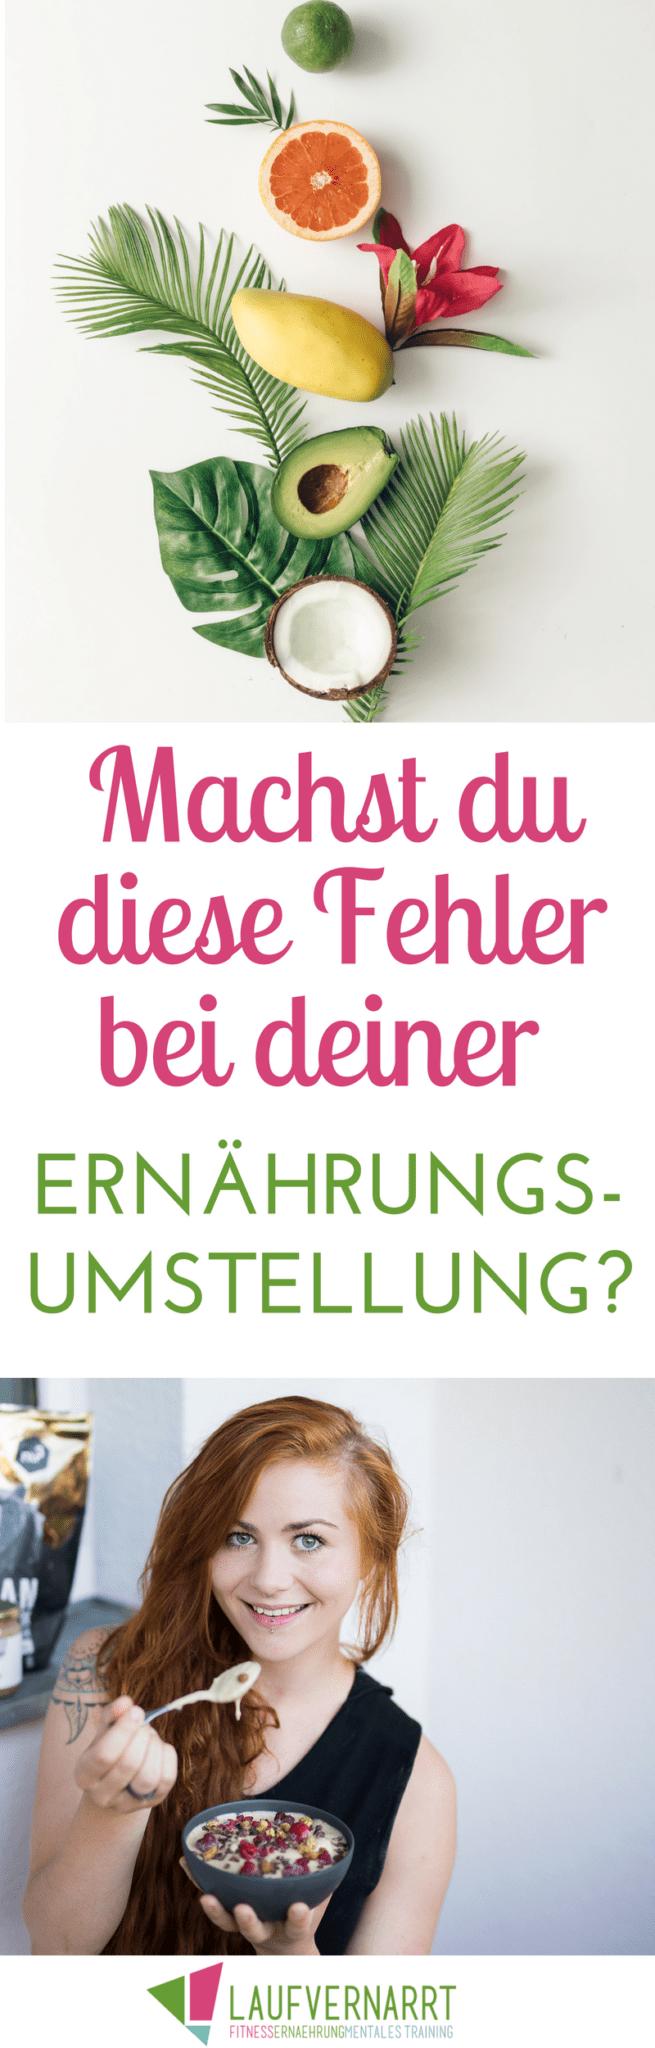 Photo of Die 10 größten Fehler bei der Ernährungsumstellung – Laufvernarrt